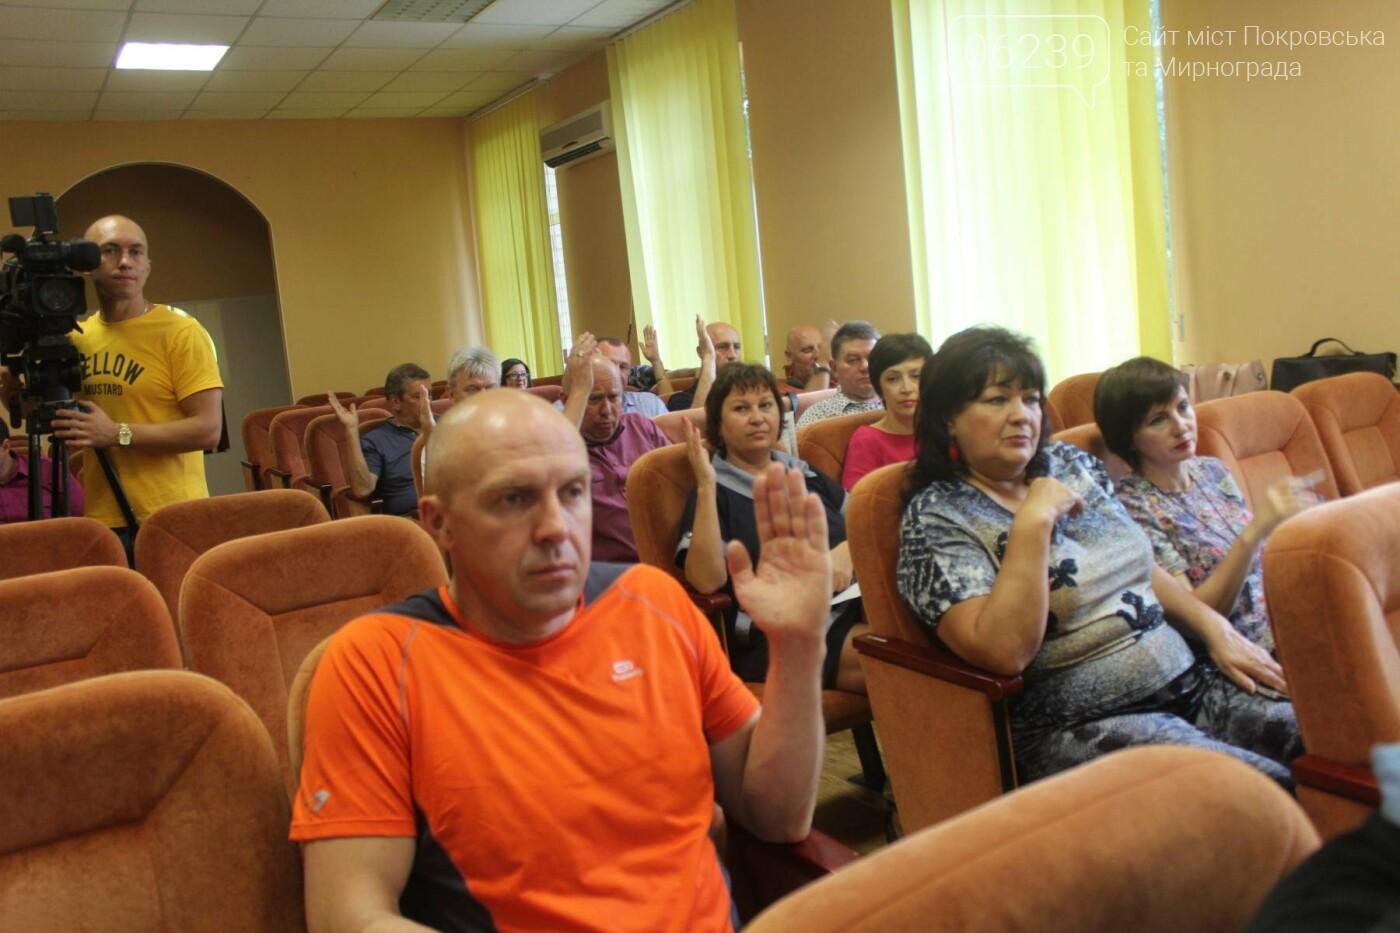 Изменения в бюджете и письмо министру: в Мирнограде состоялась 49-я сессия городского совета, фото-6